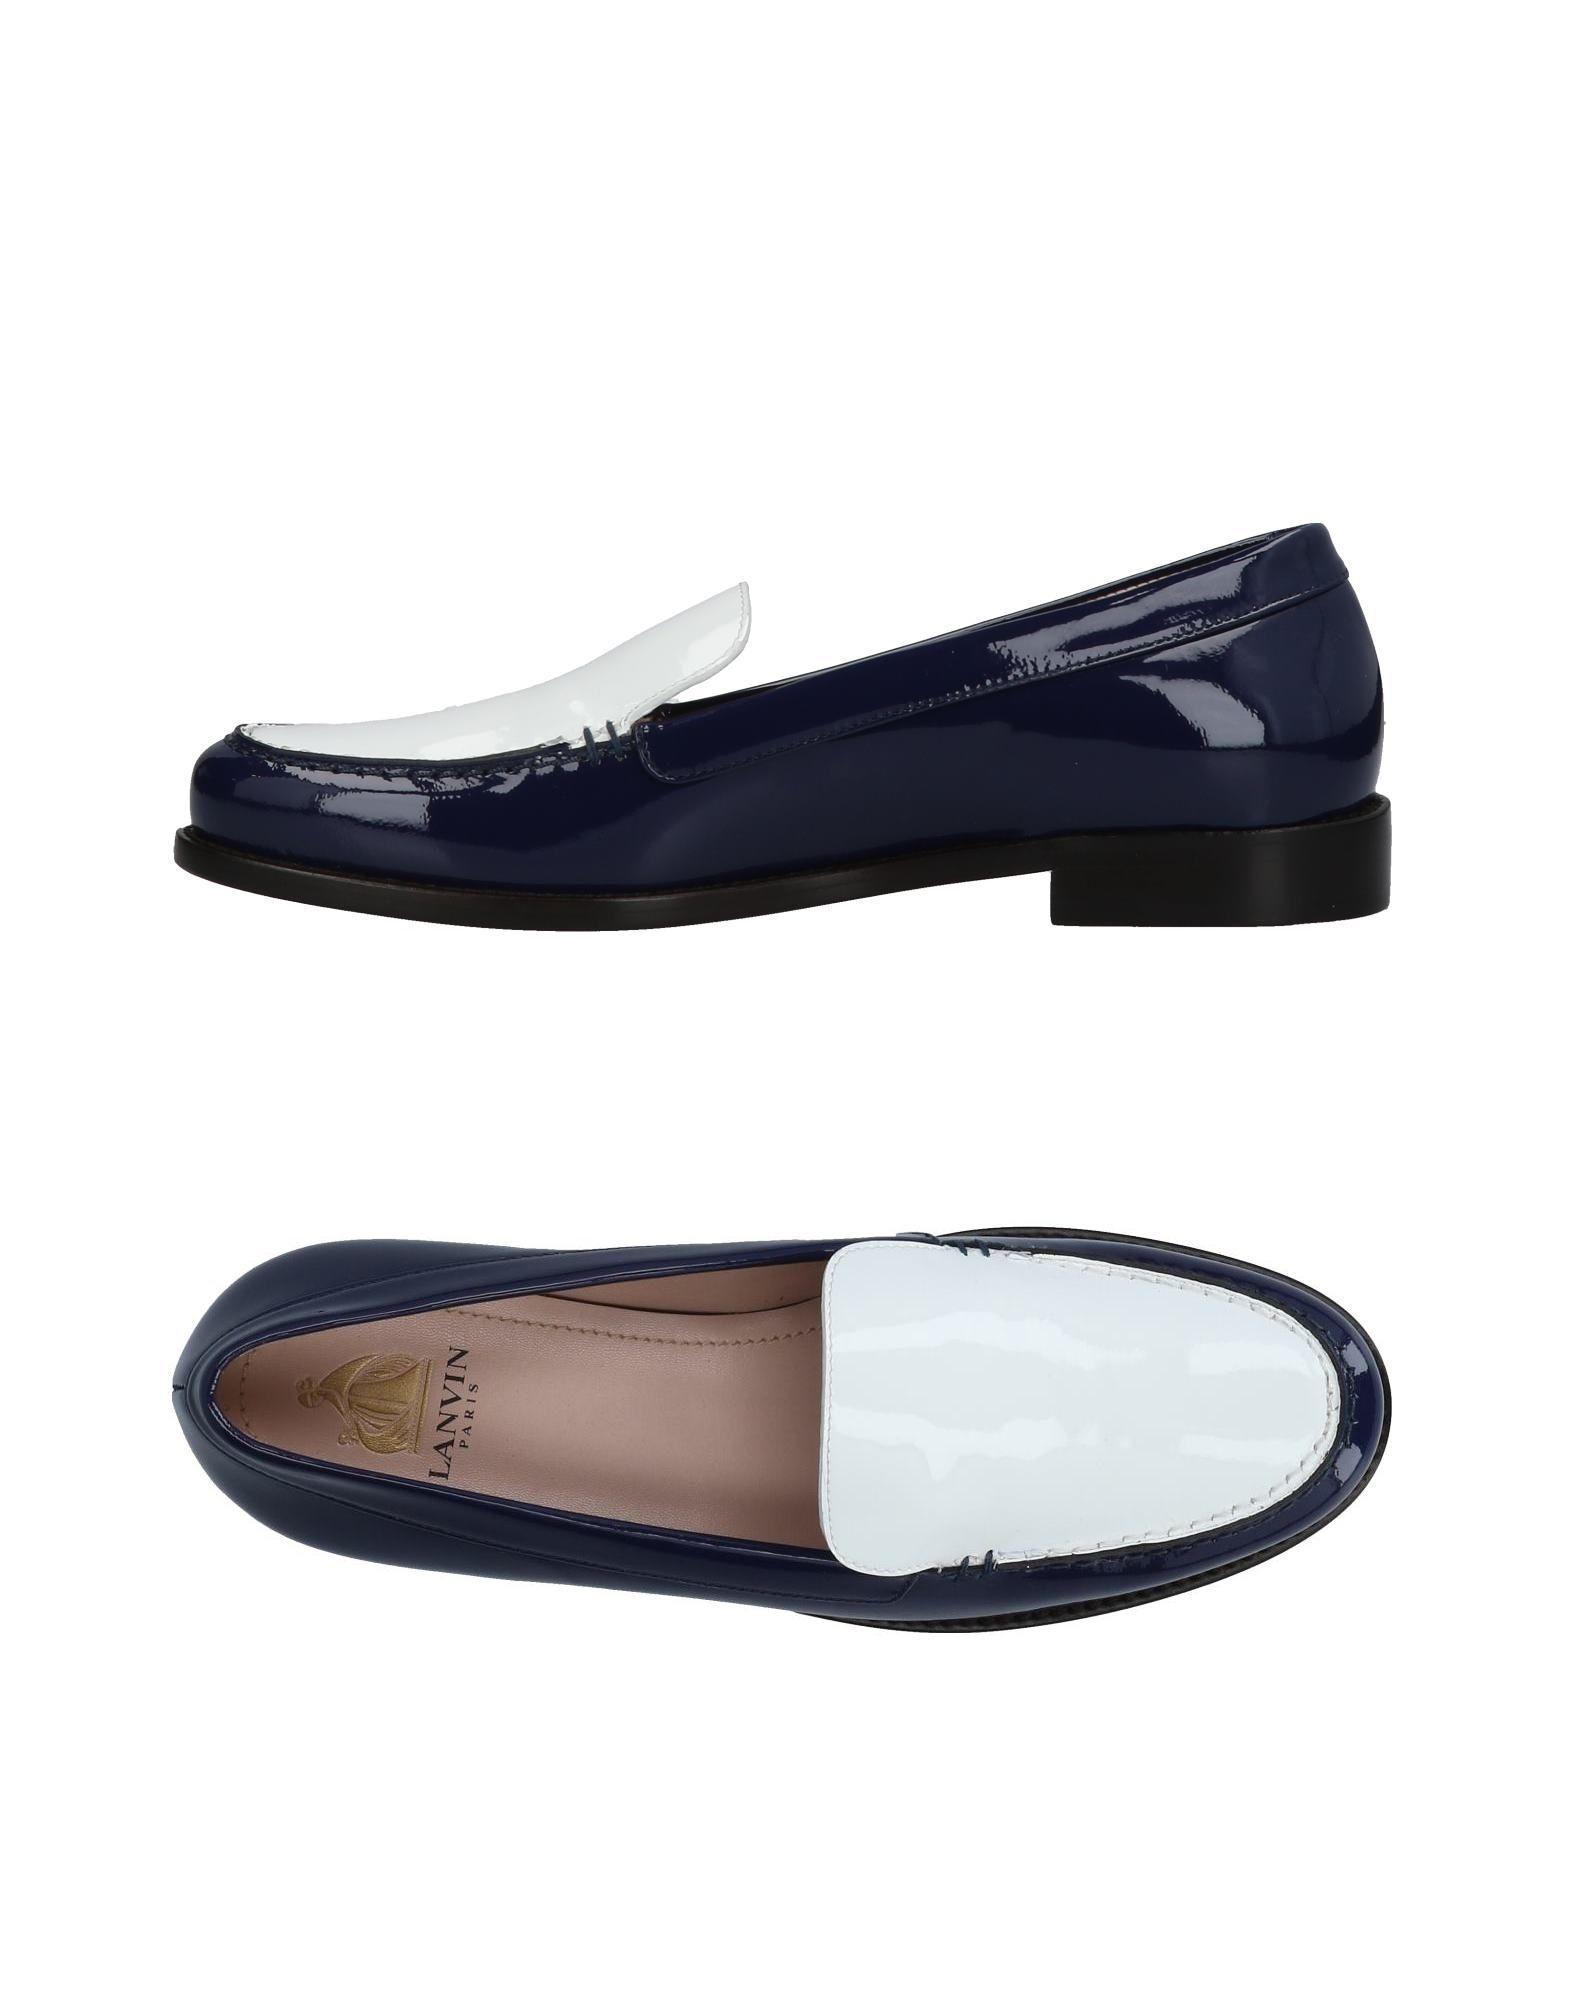 Lanvin Mokassins Damen aussehende  11433550FOGut aussehende Damen strapazierfähige Schuhe b77f1c